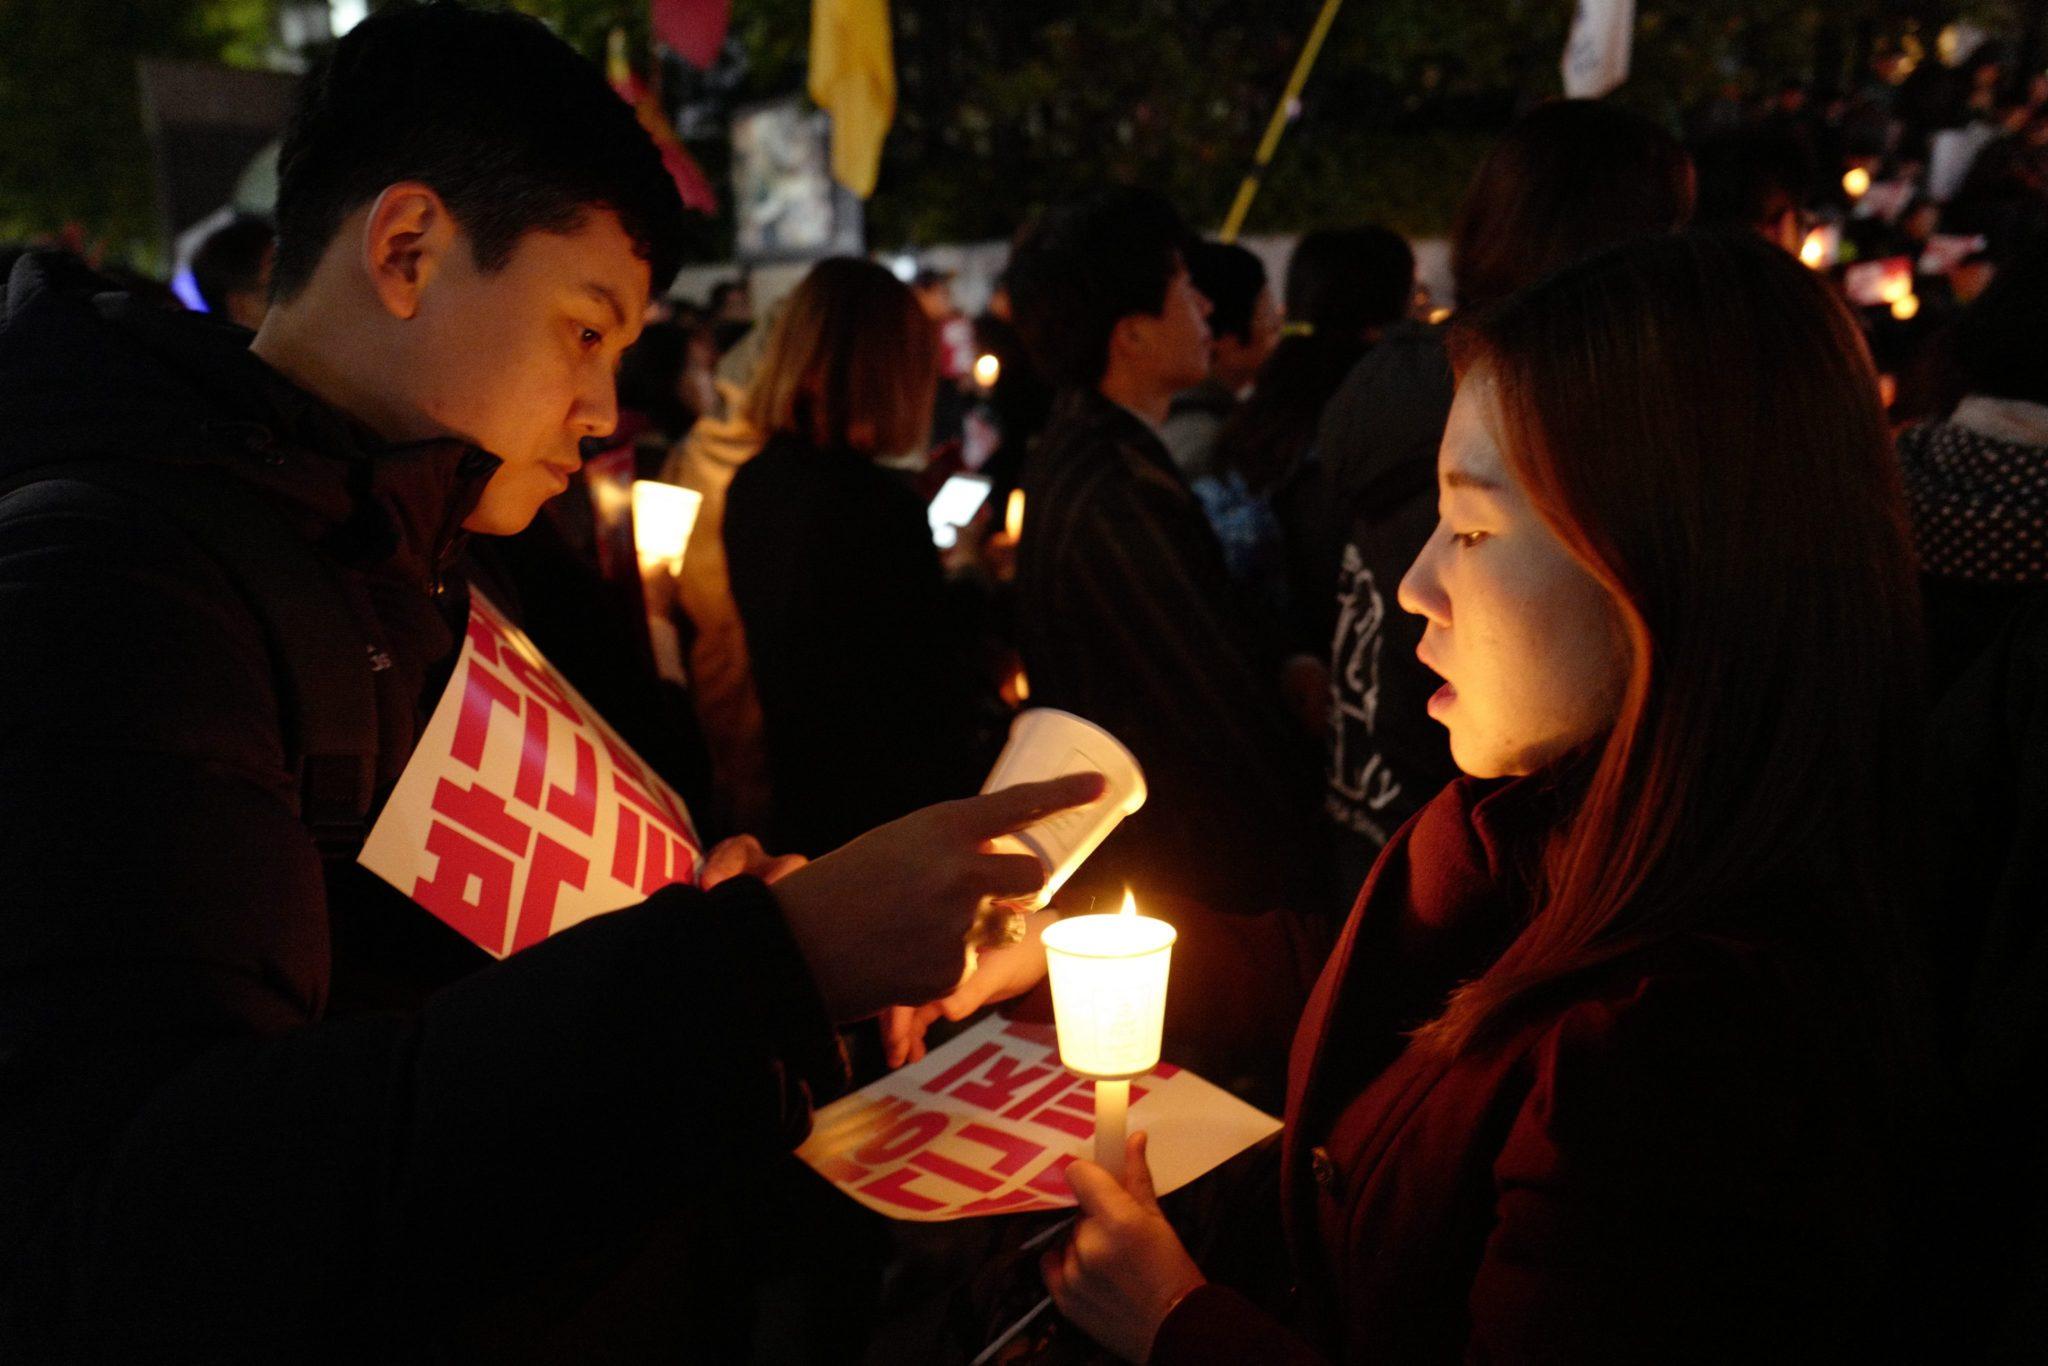 Protesty przeciwko prezydentowi w Korei Południowej. Fot. EPA/JEON HEON-KYUN